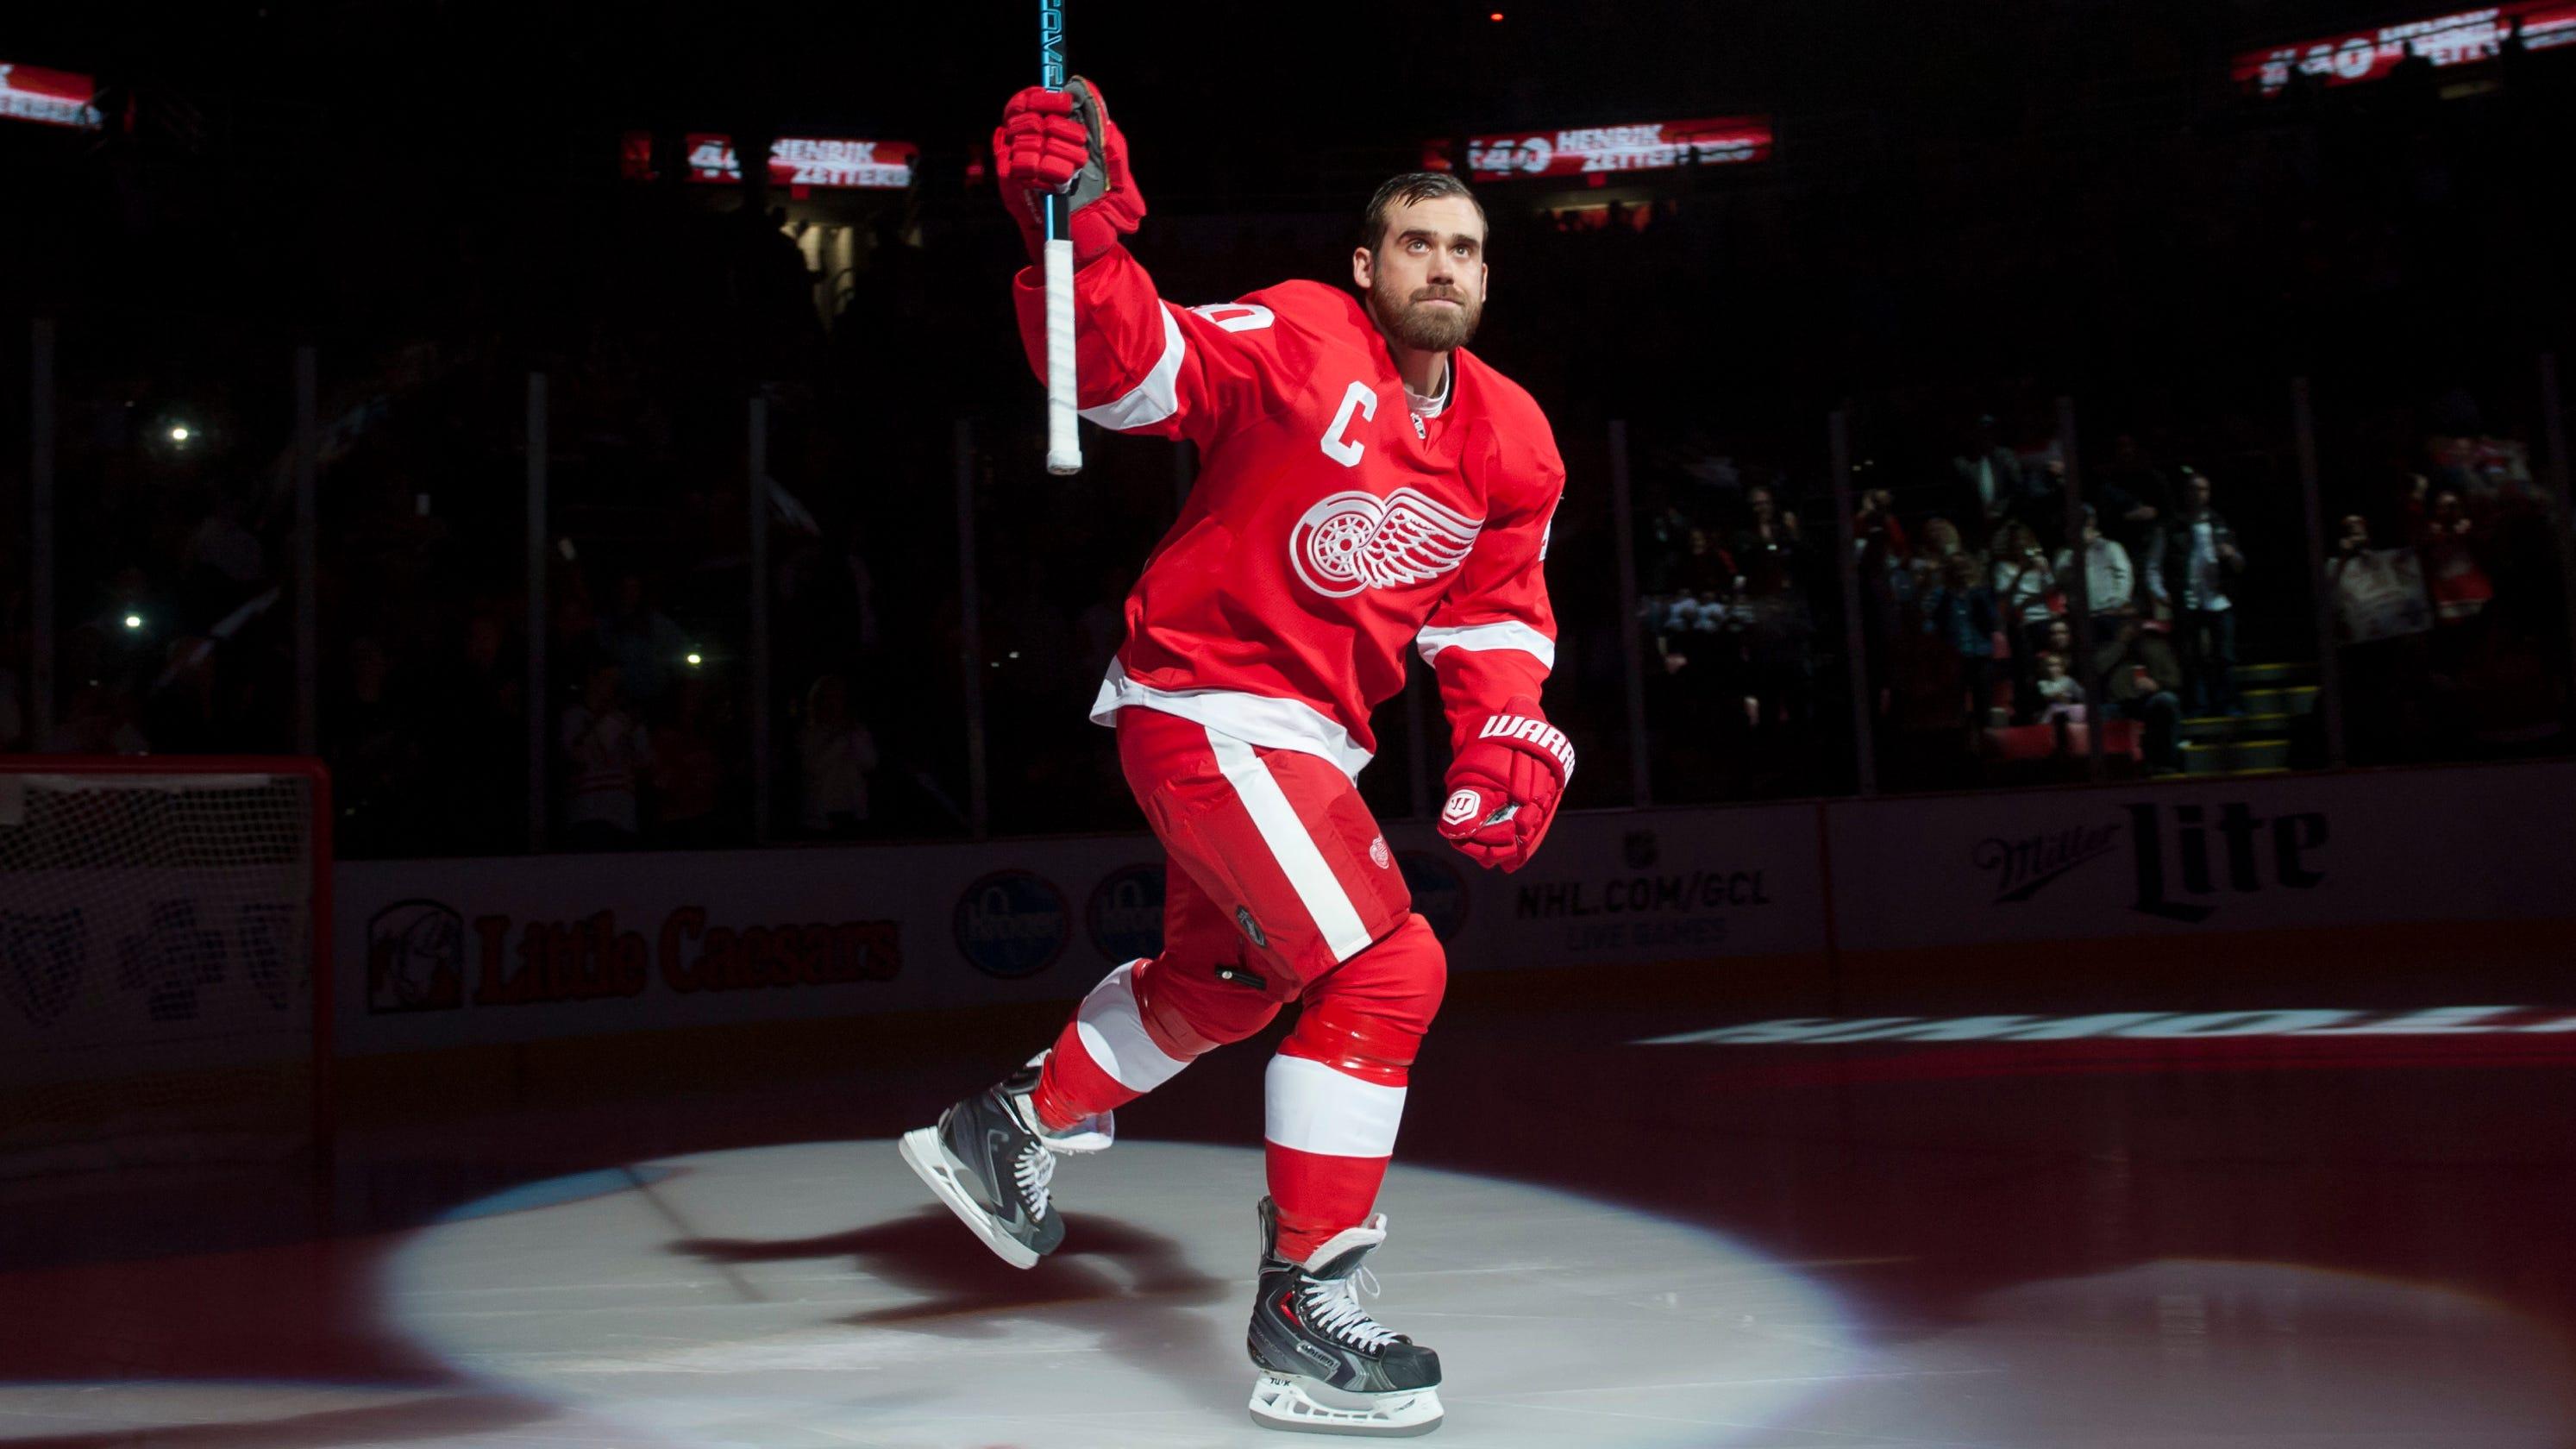 9255cd8dea5 Former Detroit Red Wings star Henrik Zetterberg